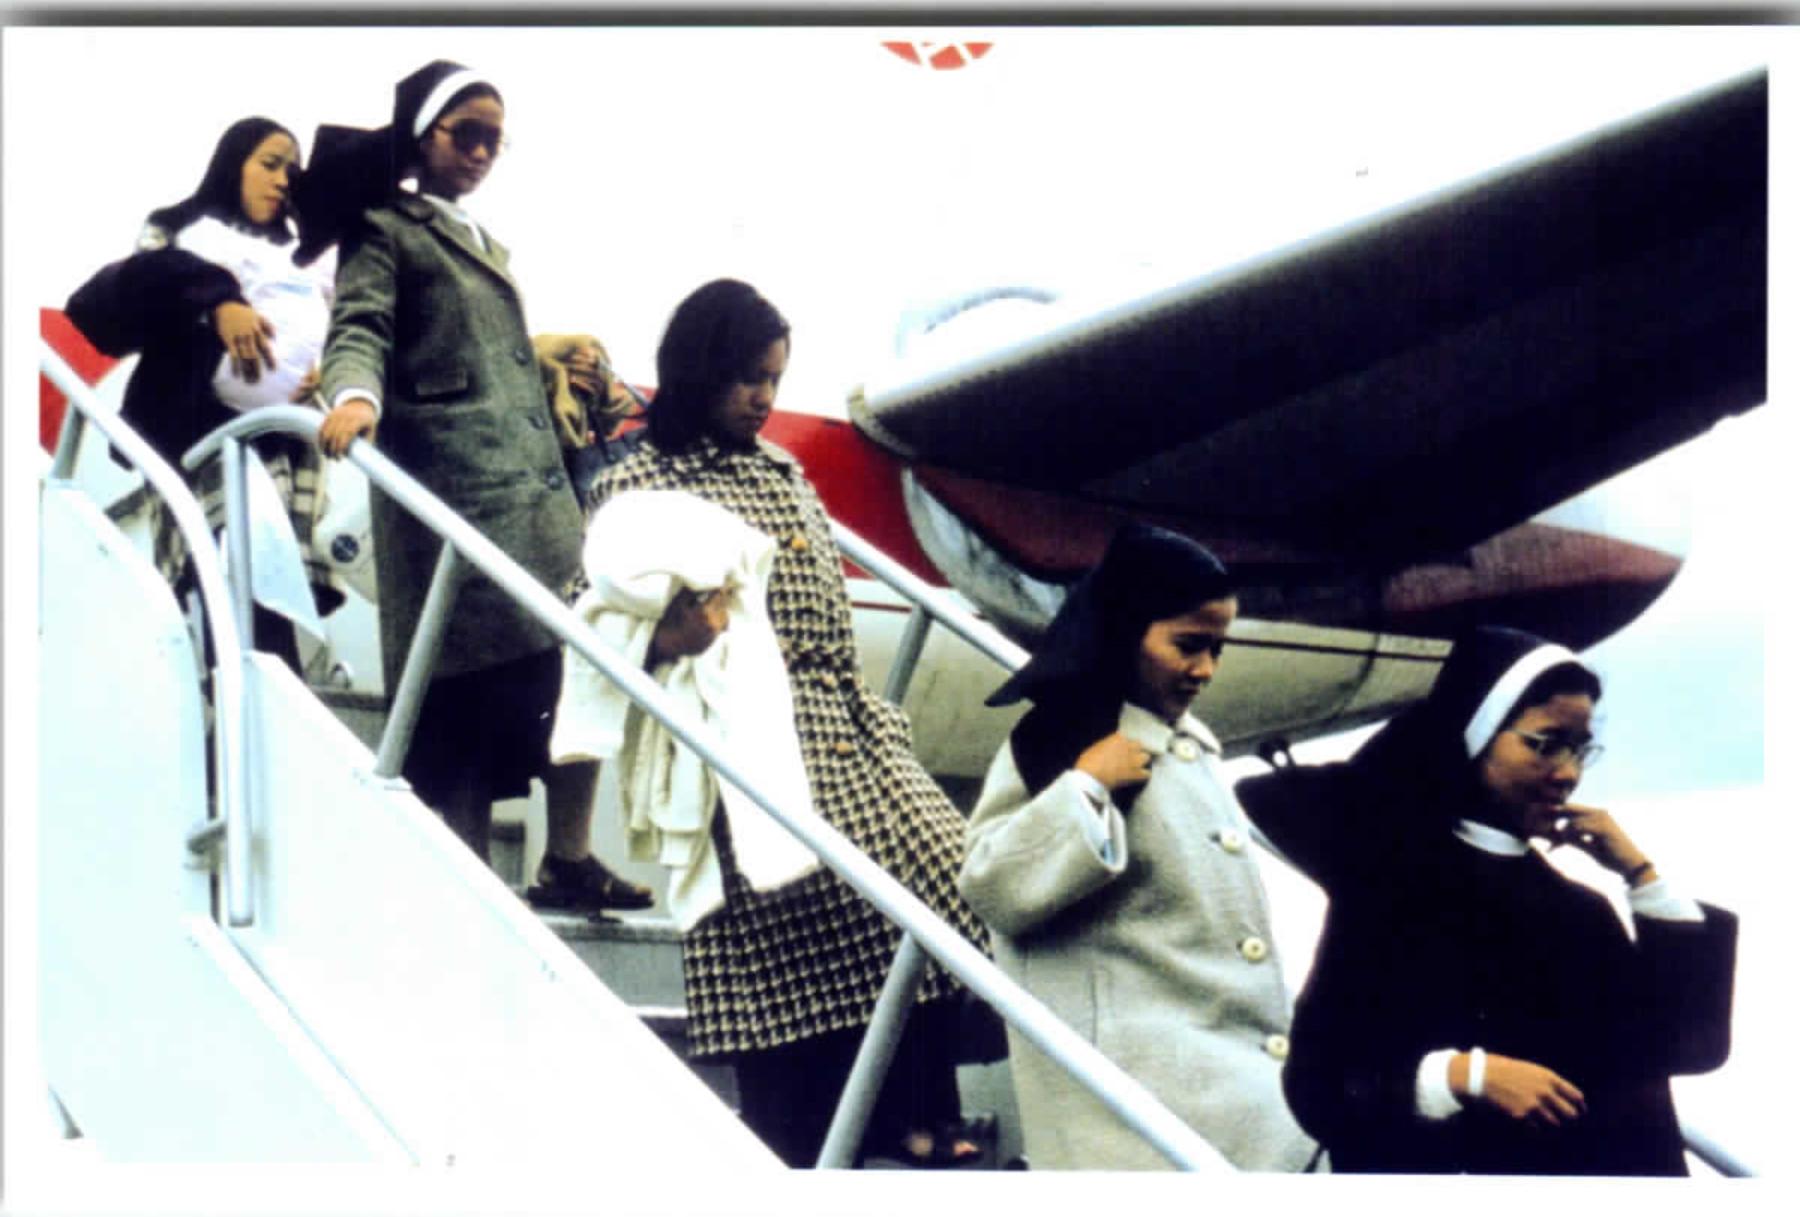 Vietnamese nuns exiting plane